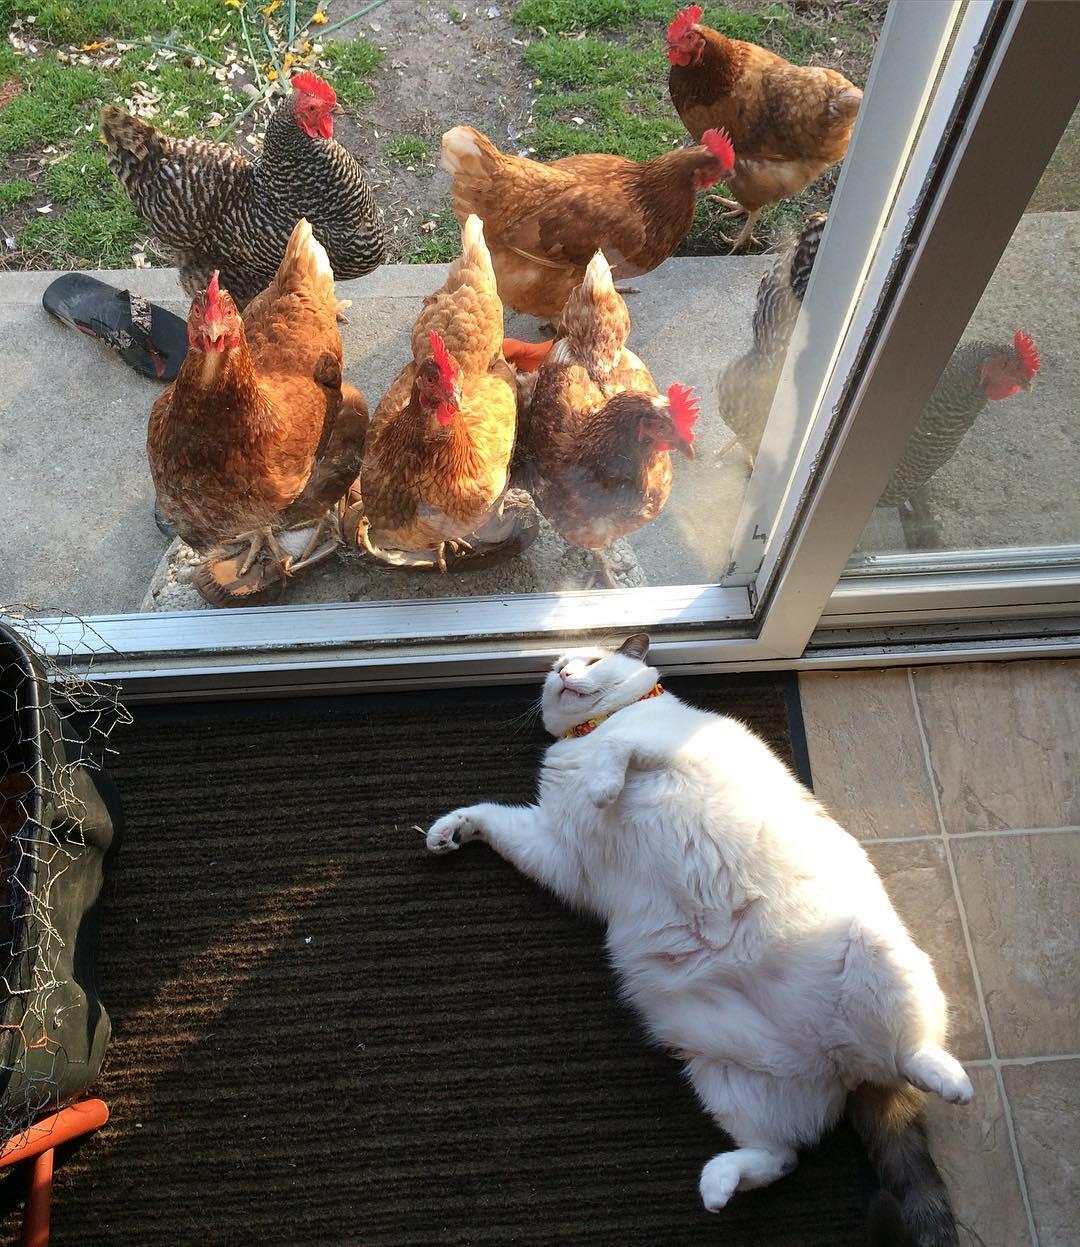 鸡界大明星!这只「胖猫皇」有着一群死忠粉丝,超专业粉丝服务每天变换「不同慵懒英姿」提供观赏! (14张) -21435767_1933164296896891_2428220122263977984_n